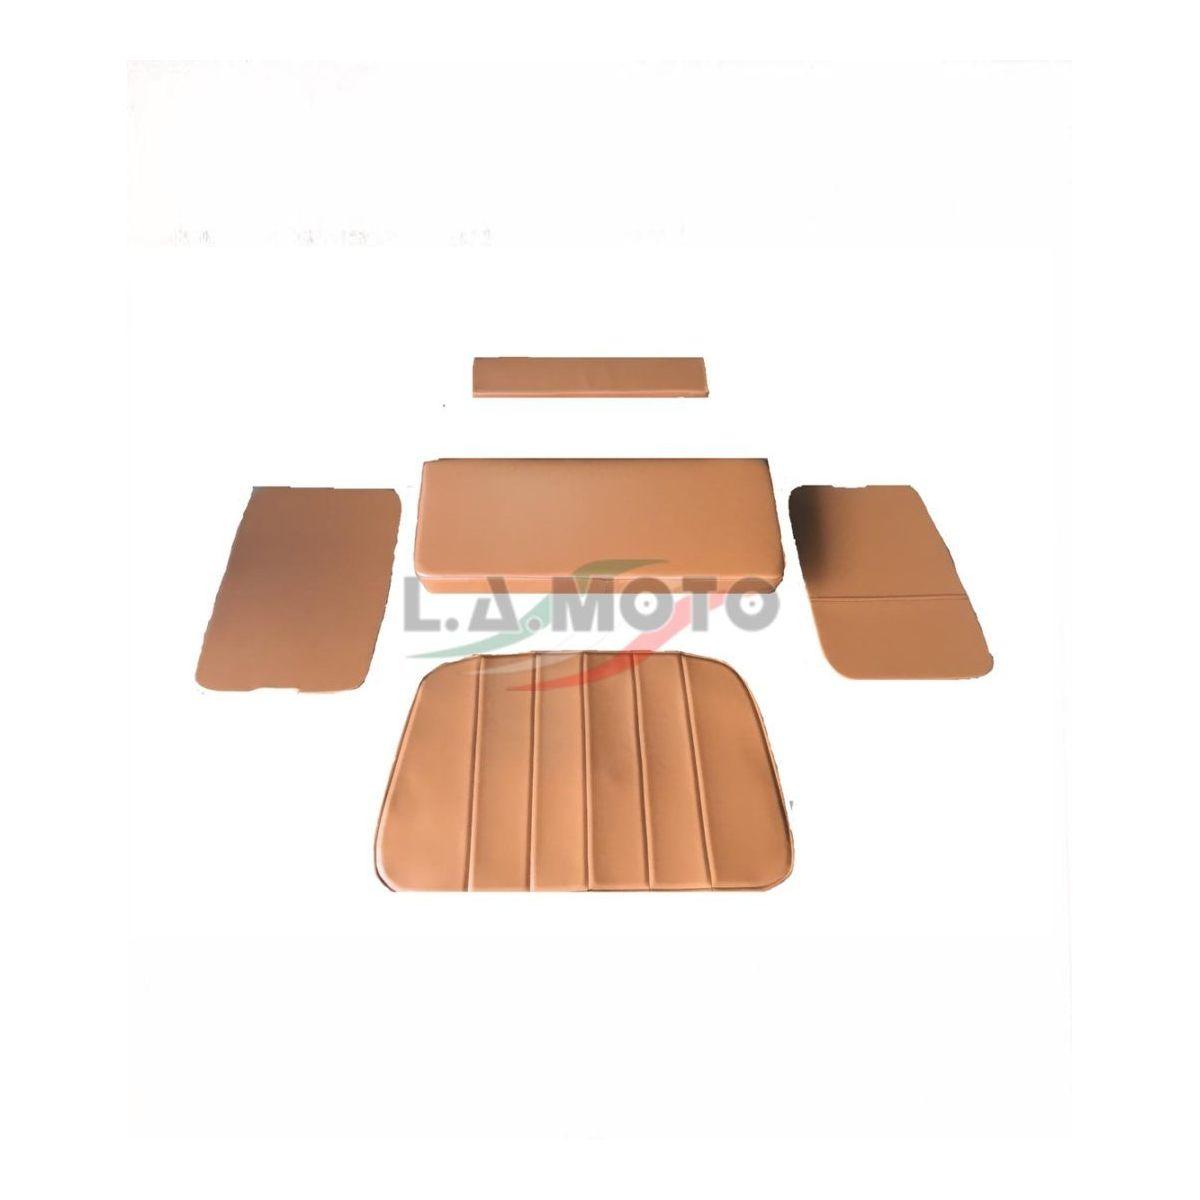 Kit tappezzeria in pelle marroncino per interno cabina ape mp